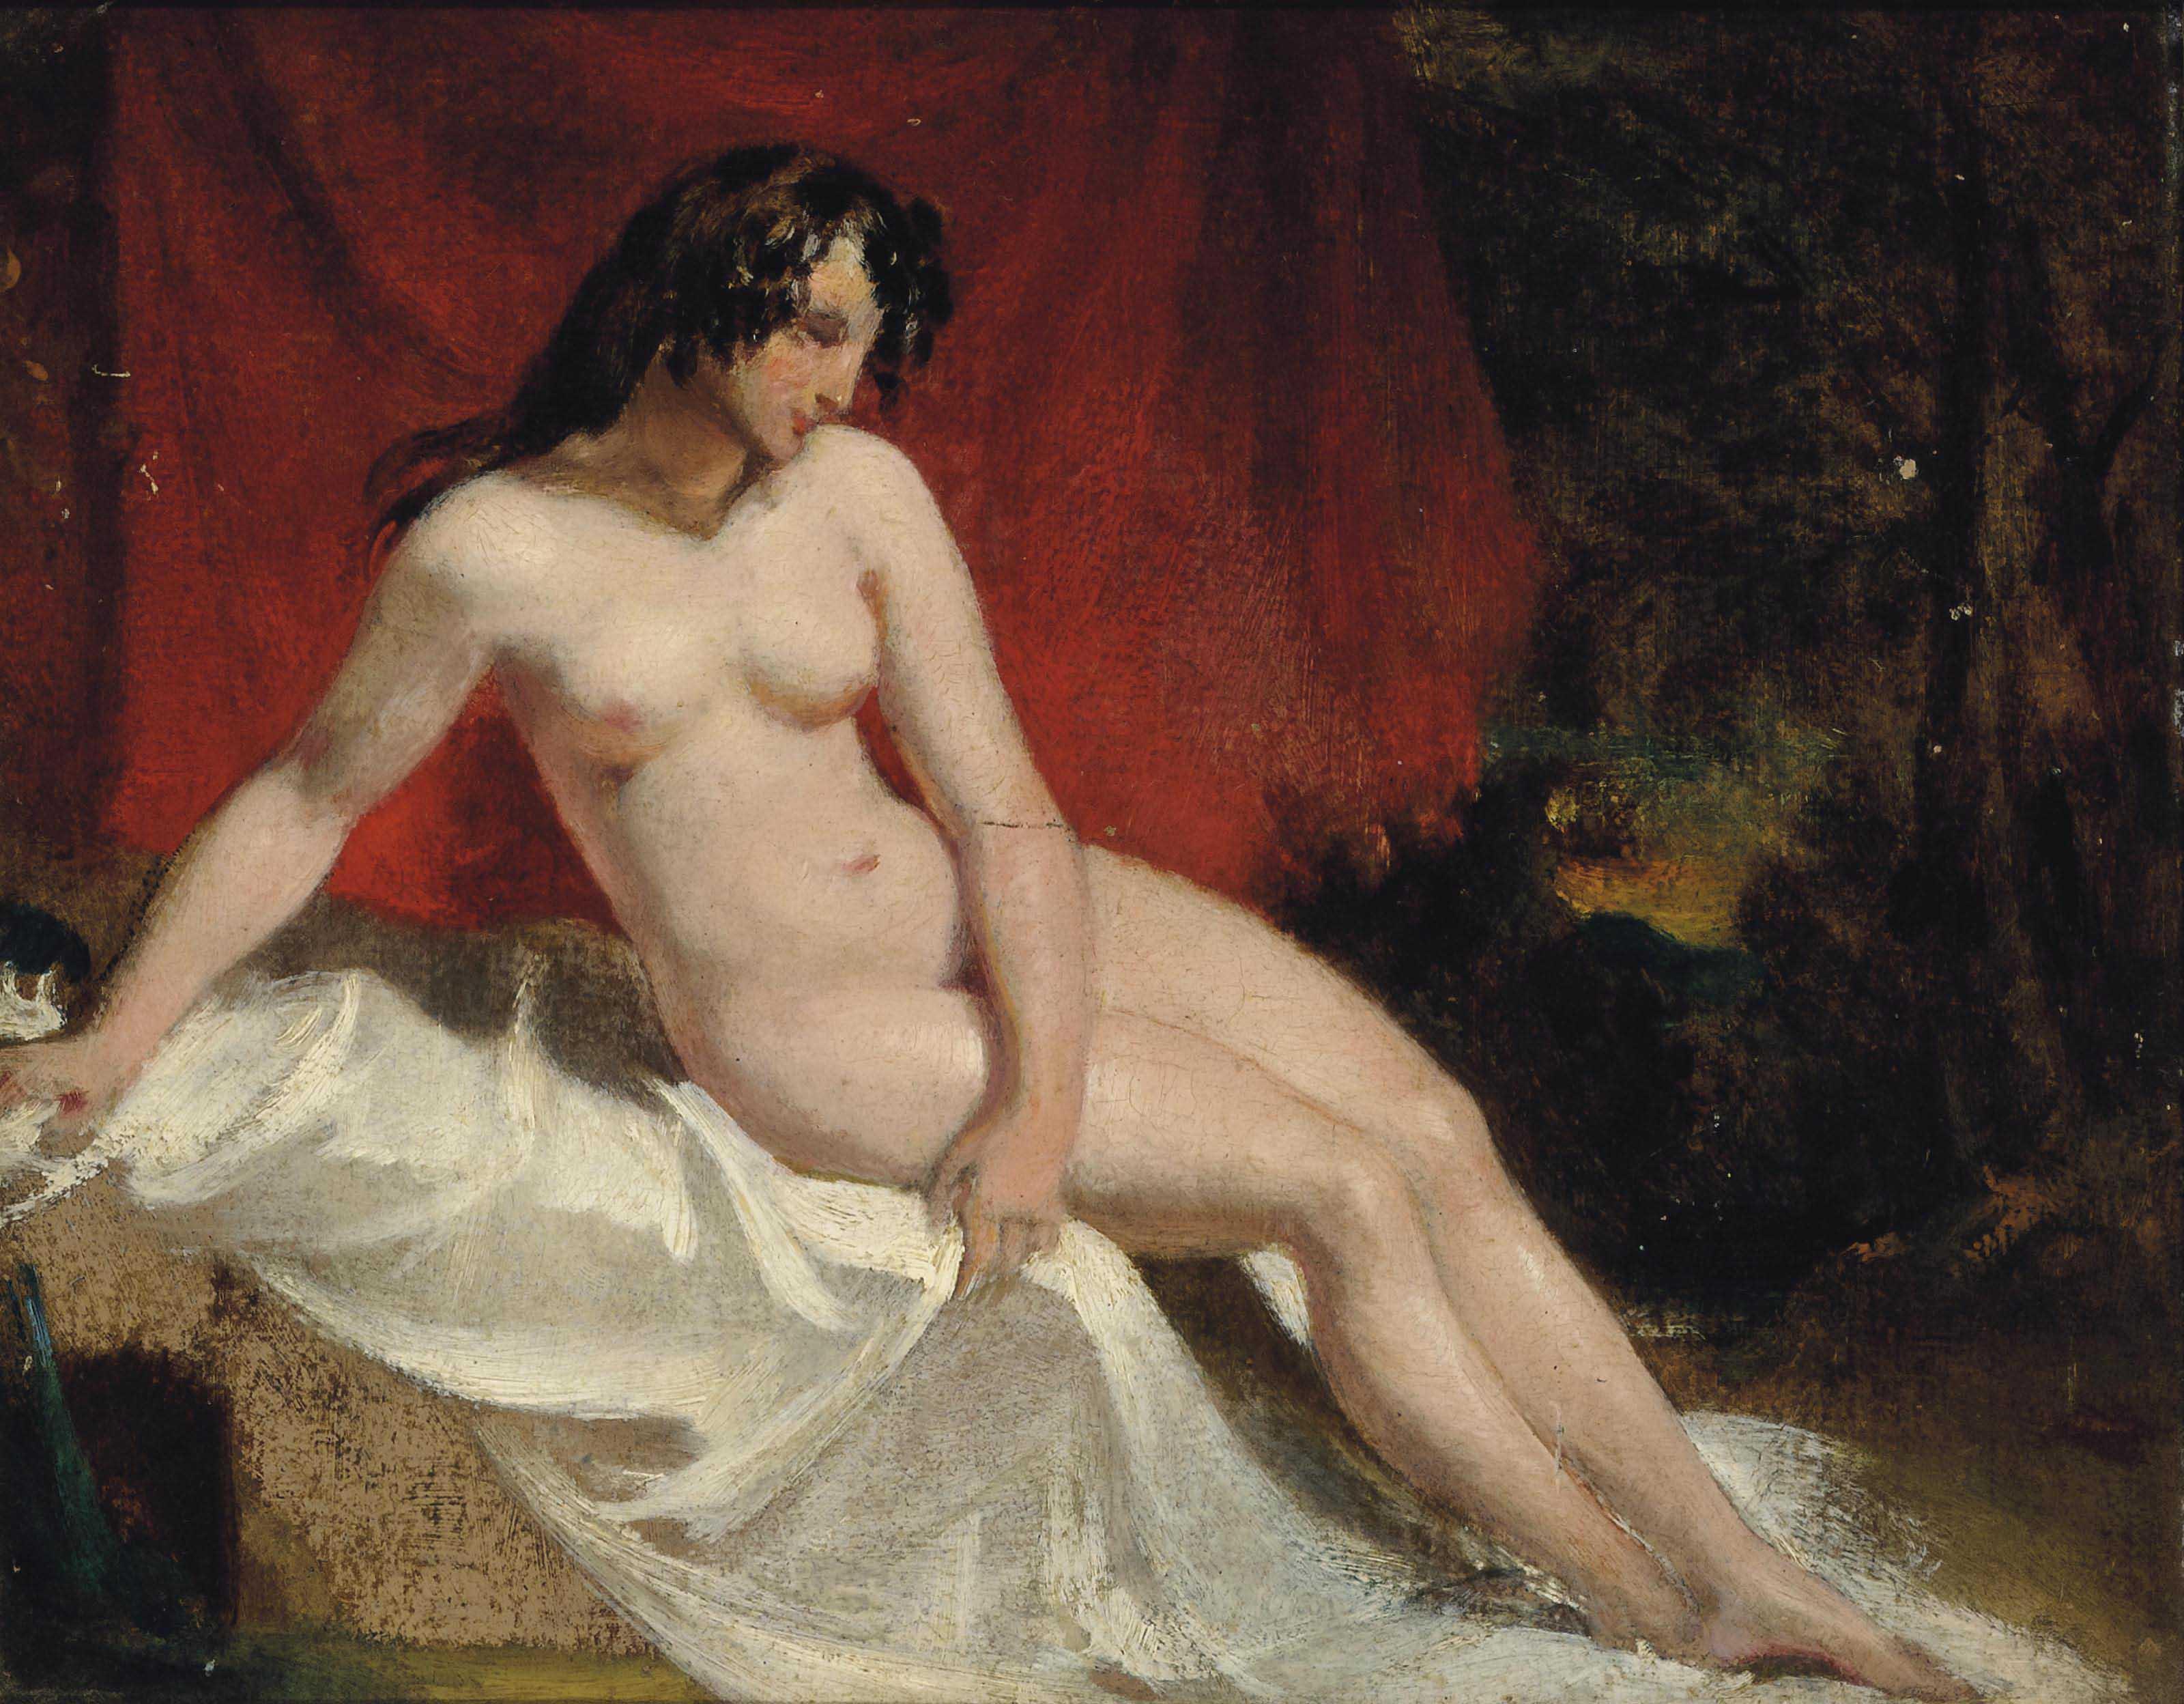 William Etty, R.A. (York 1787-